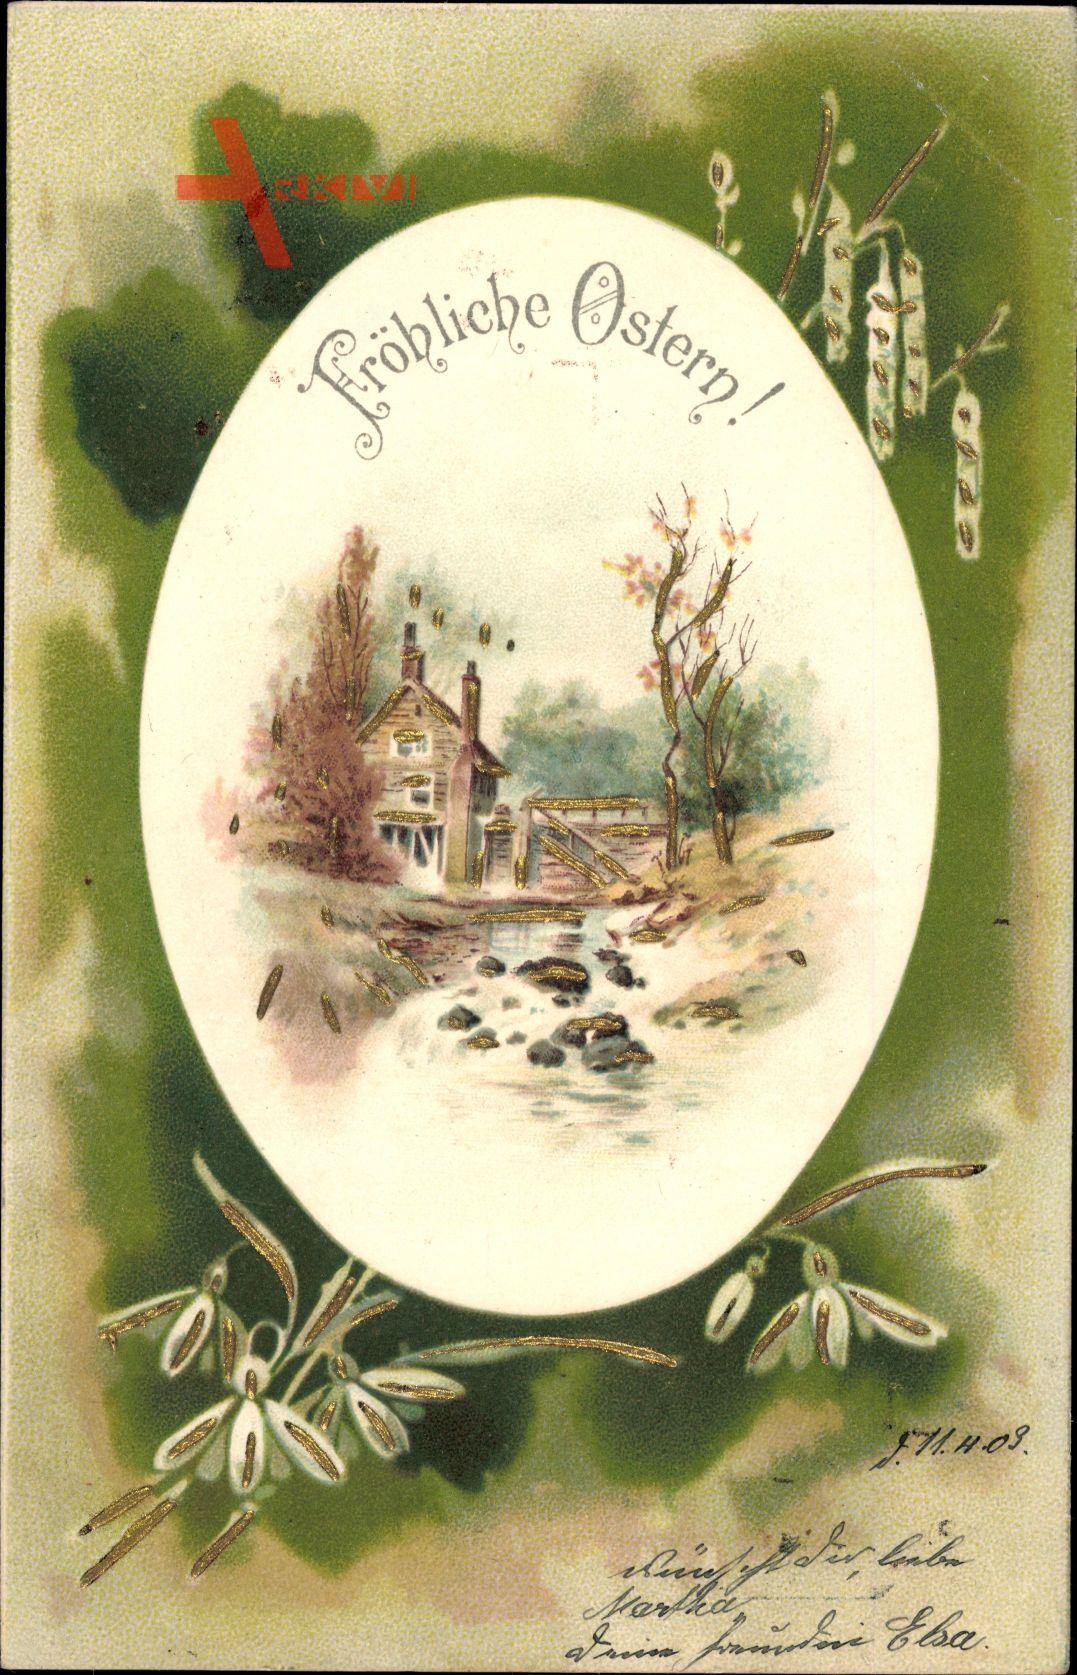 Glückwunsch Ostern, Osterei, Frühlingslandschaft, Wassermühle